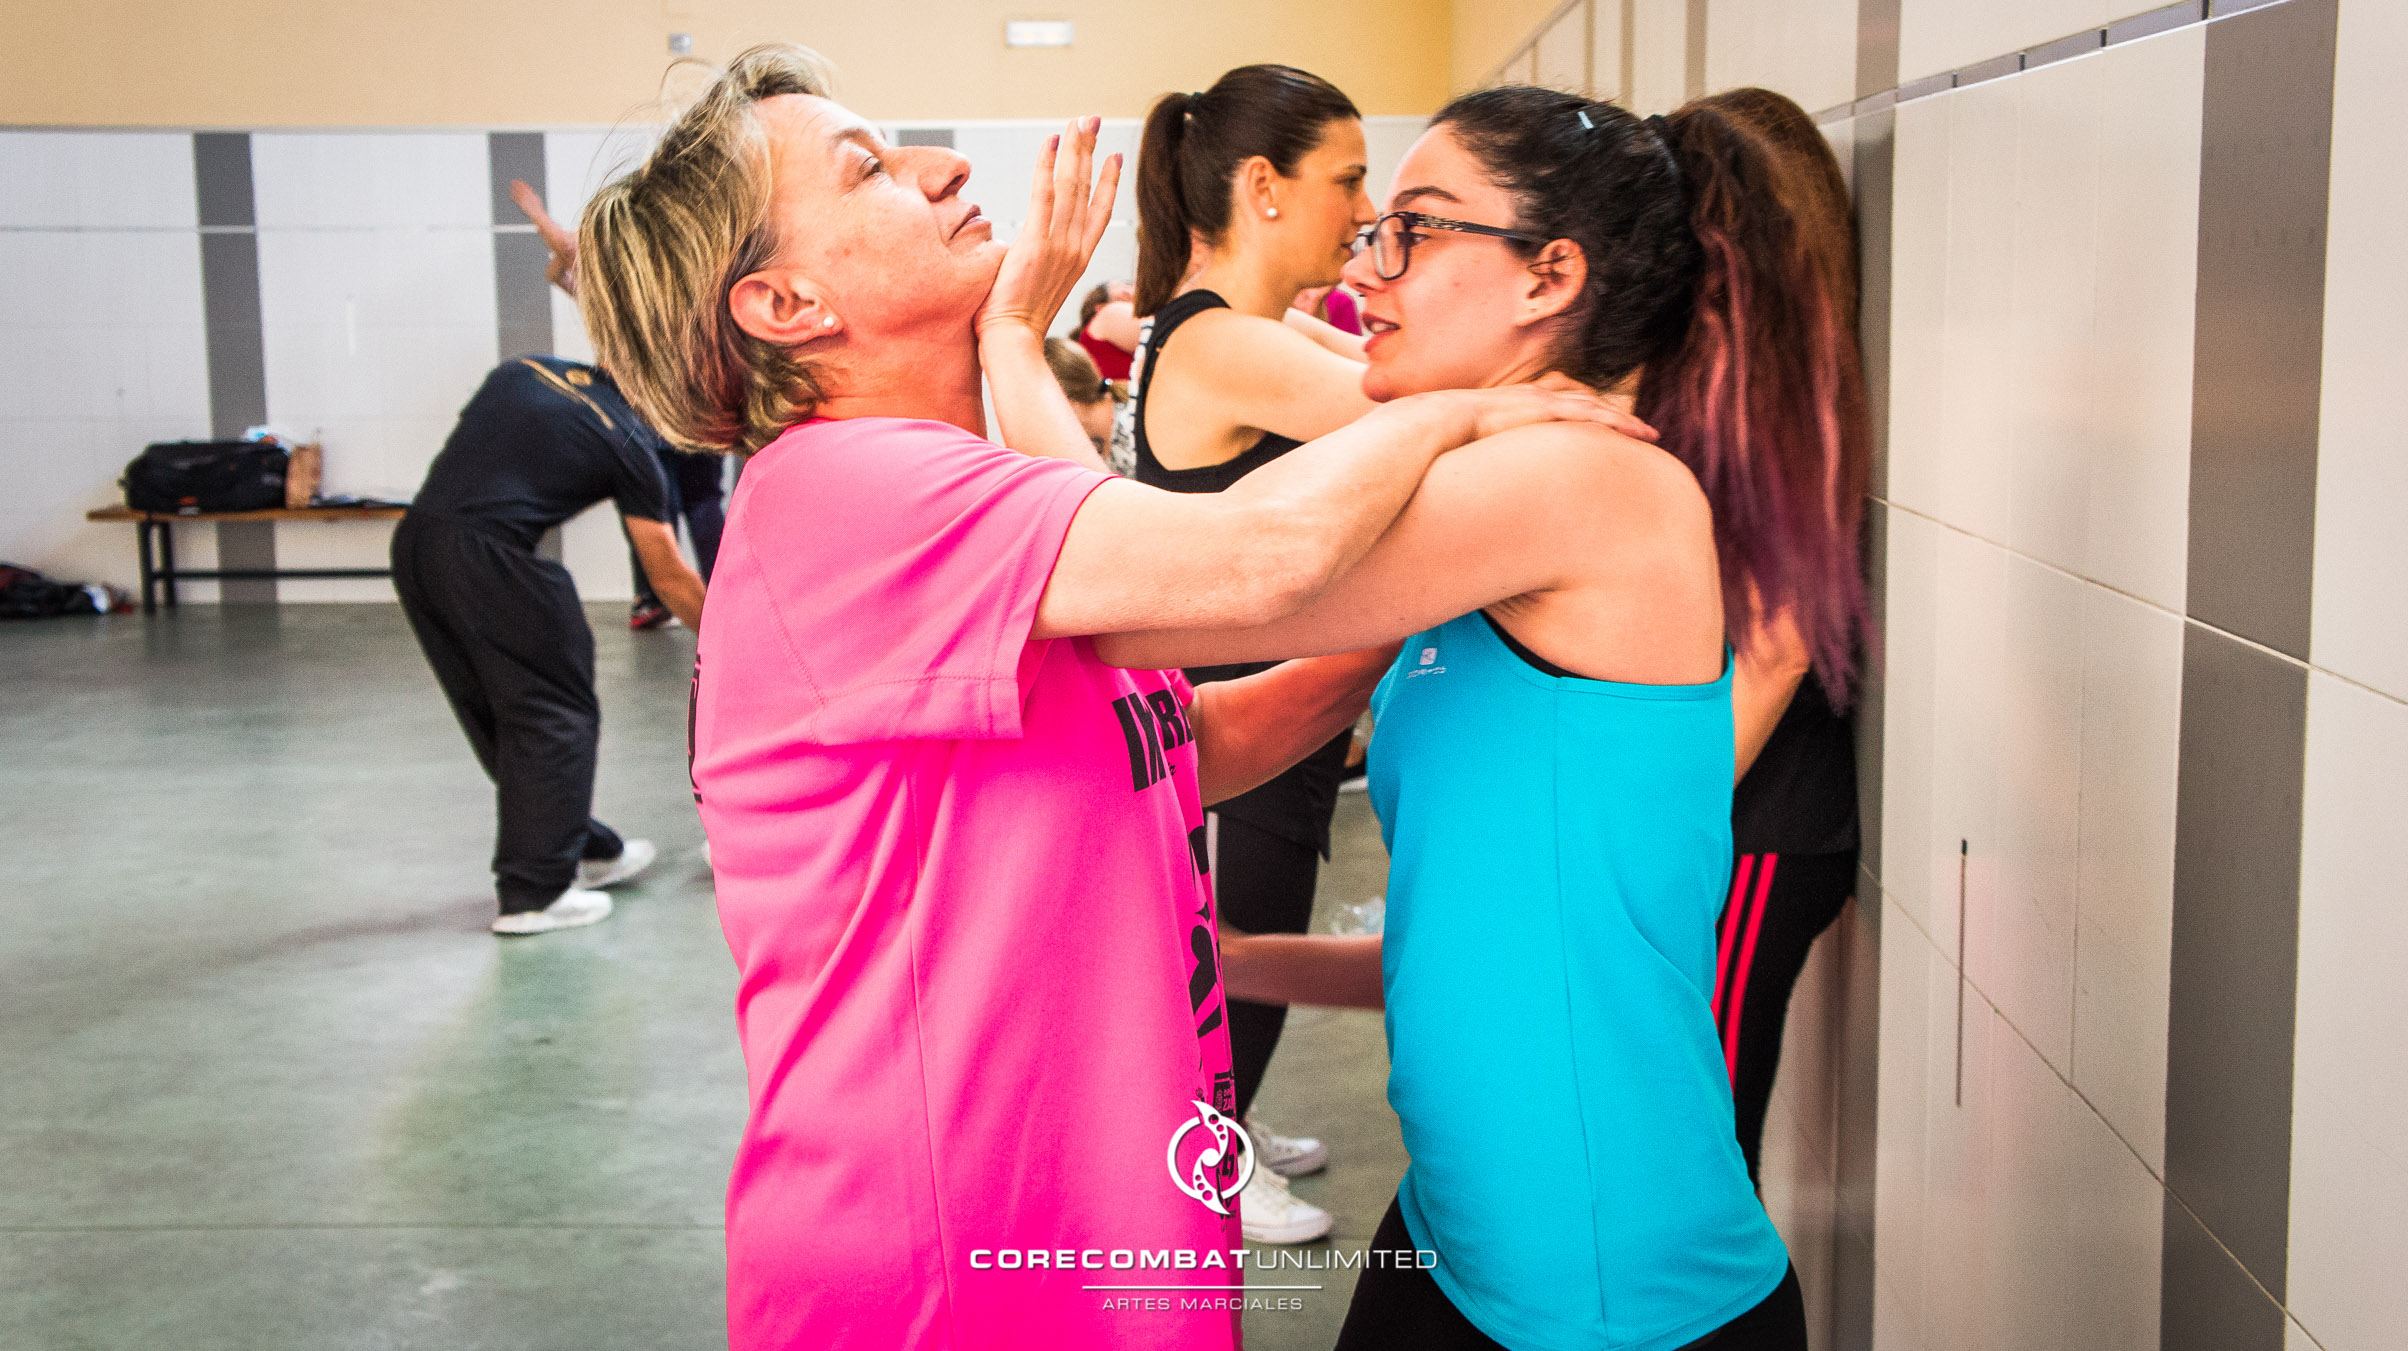 curso-defensa-personal-para-mujeres-zamora-coreses-artes-marciales-zamora-core-combat-salamanca-valladolid-leon-madrid-38